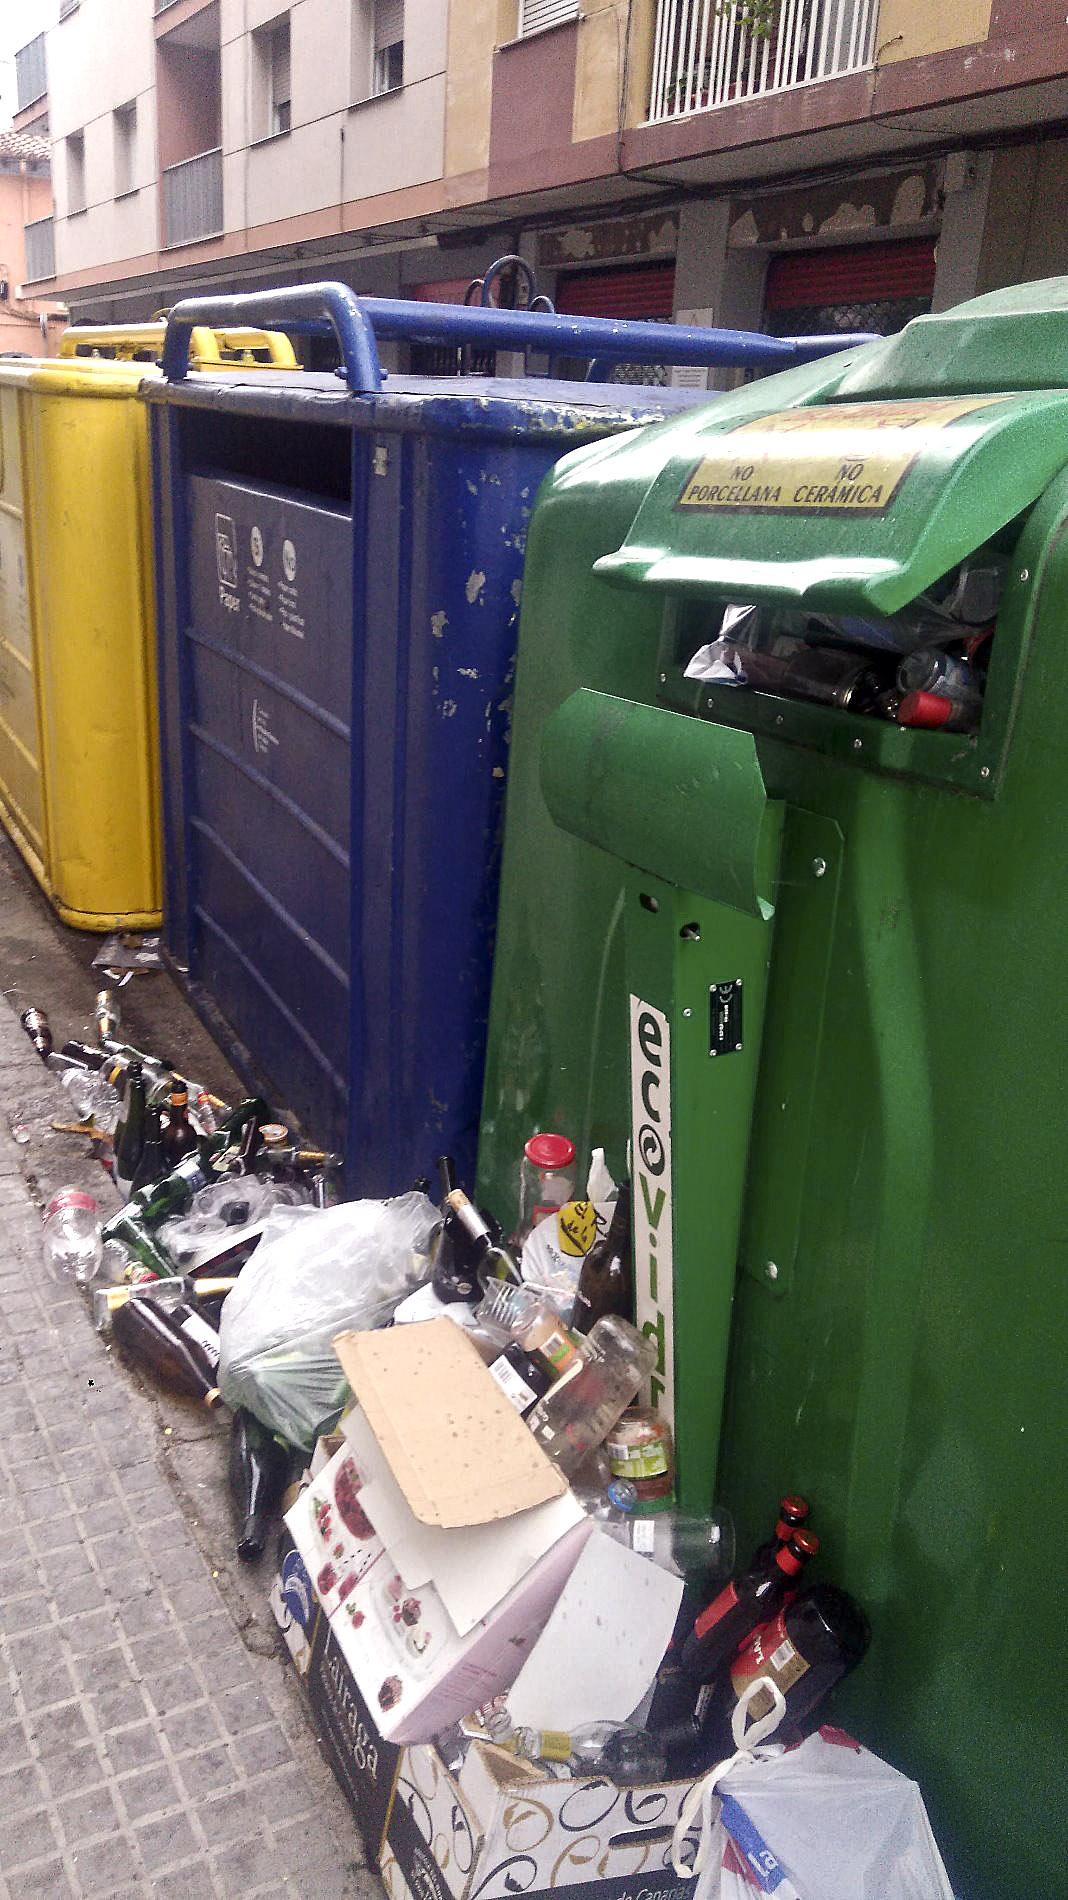 Brossa fora de contenidors a Mollet